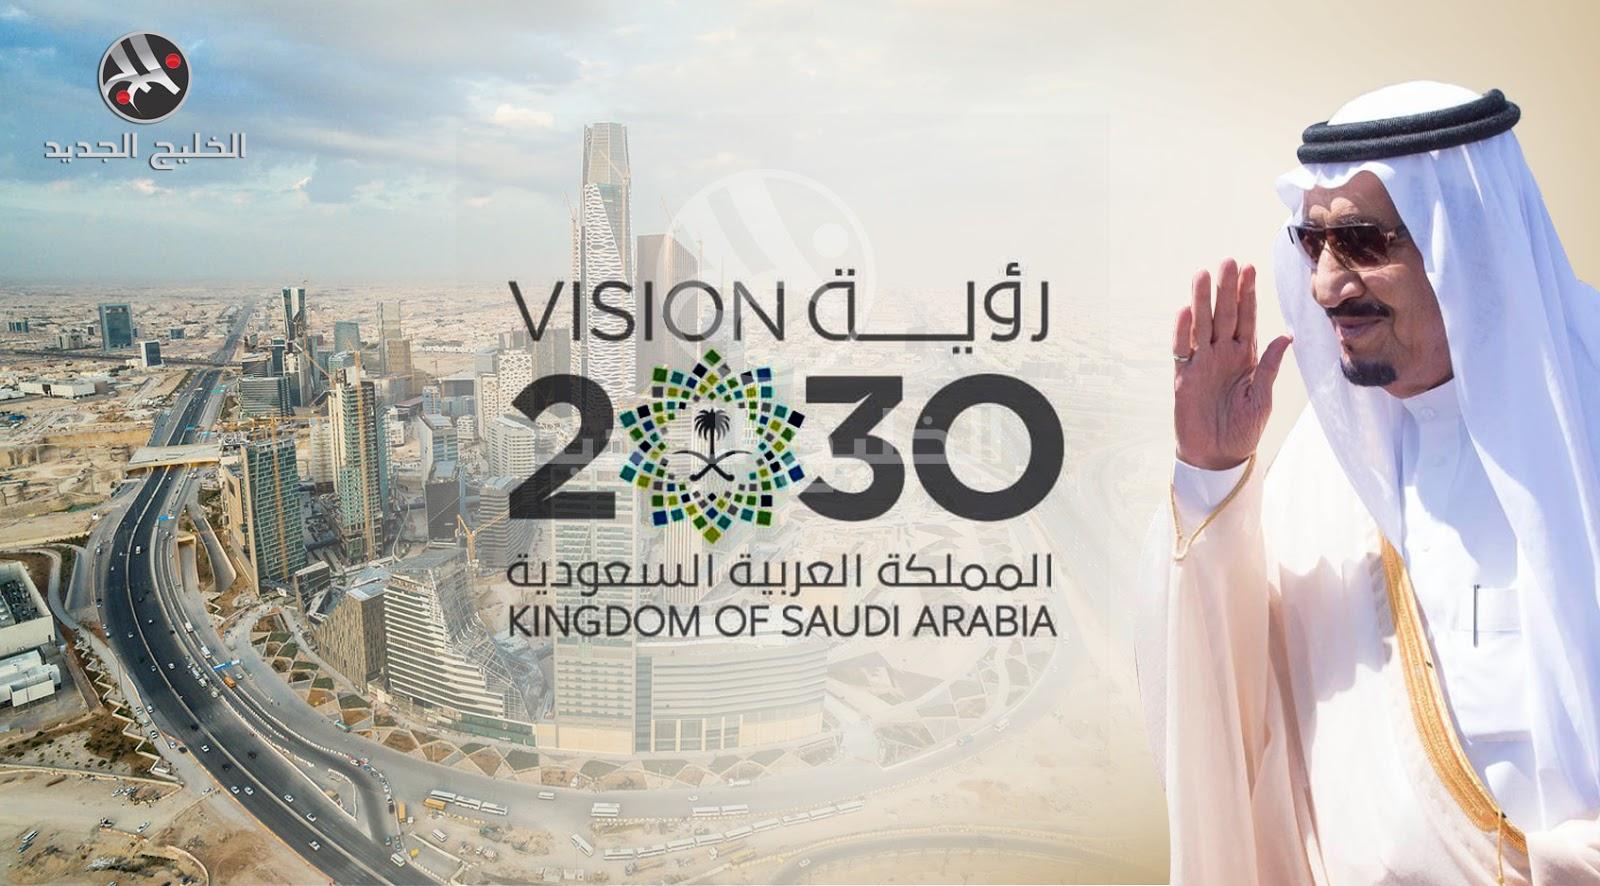 الملك سلمان يعتمد أكبر ميزانية في تاريخ السعودية, أرقام فلكية في 2018.. تفاصيل